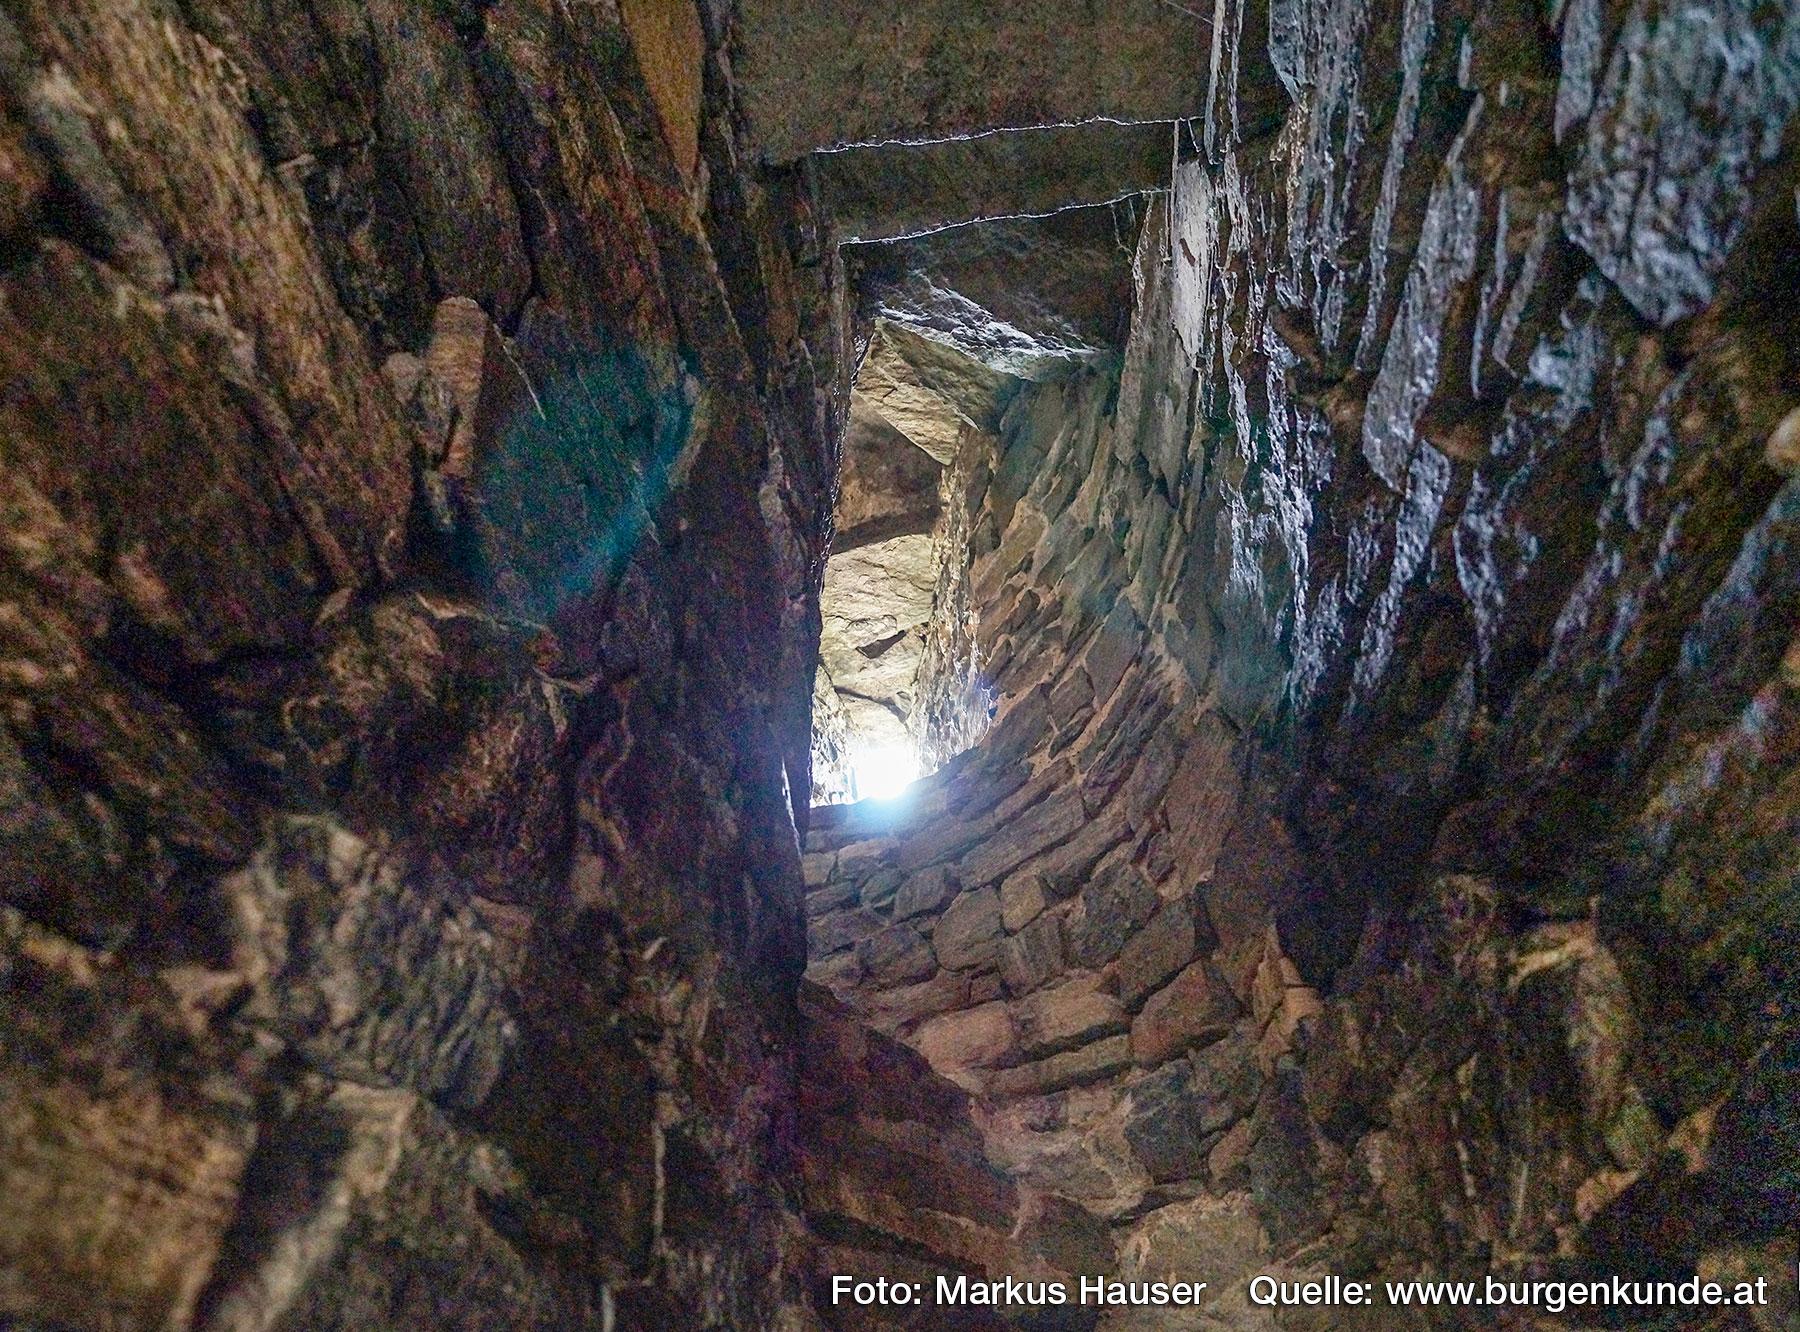 Die teilweise noch romanische Stiegenanlage im Mauerwerk des Turmes. Blick vom Bereich des Hocheinstieges Richtrung aufwärts.